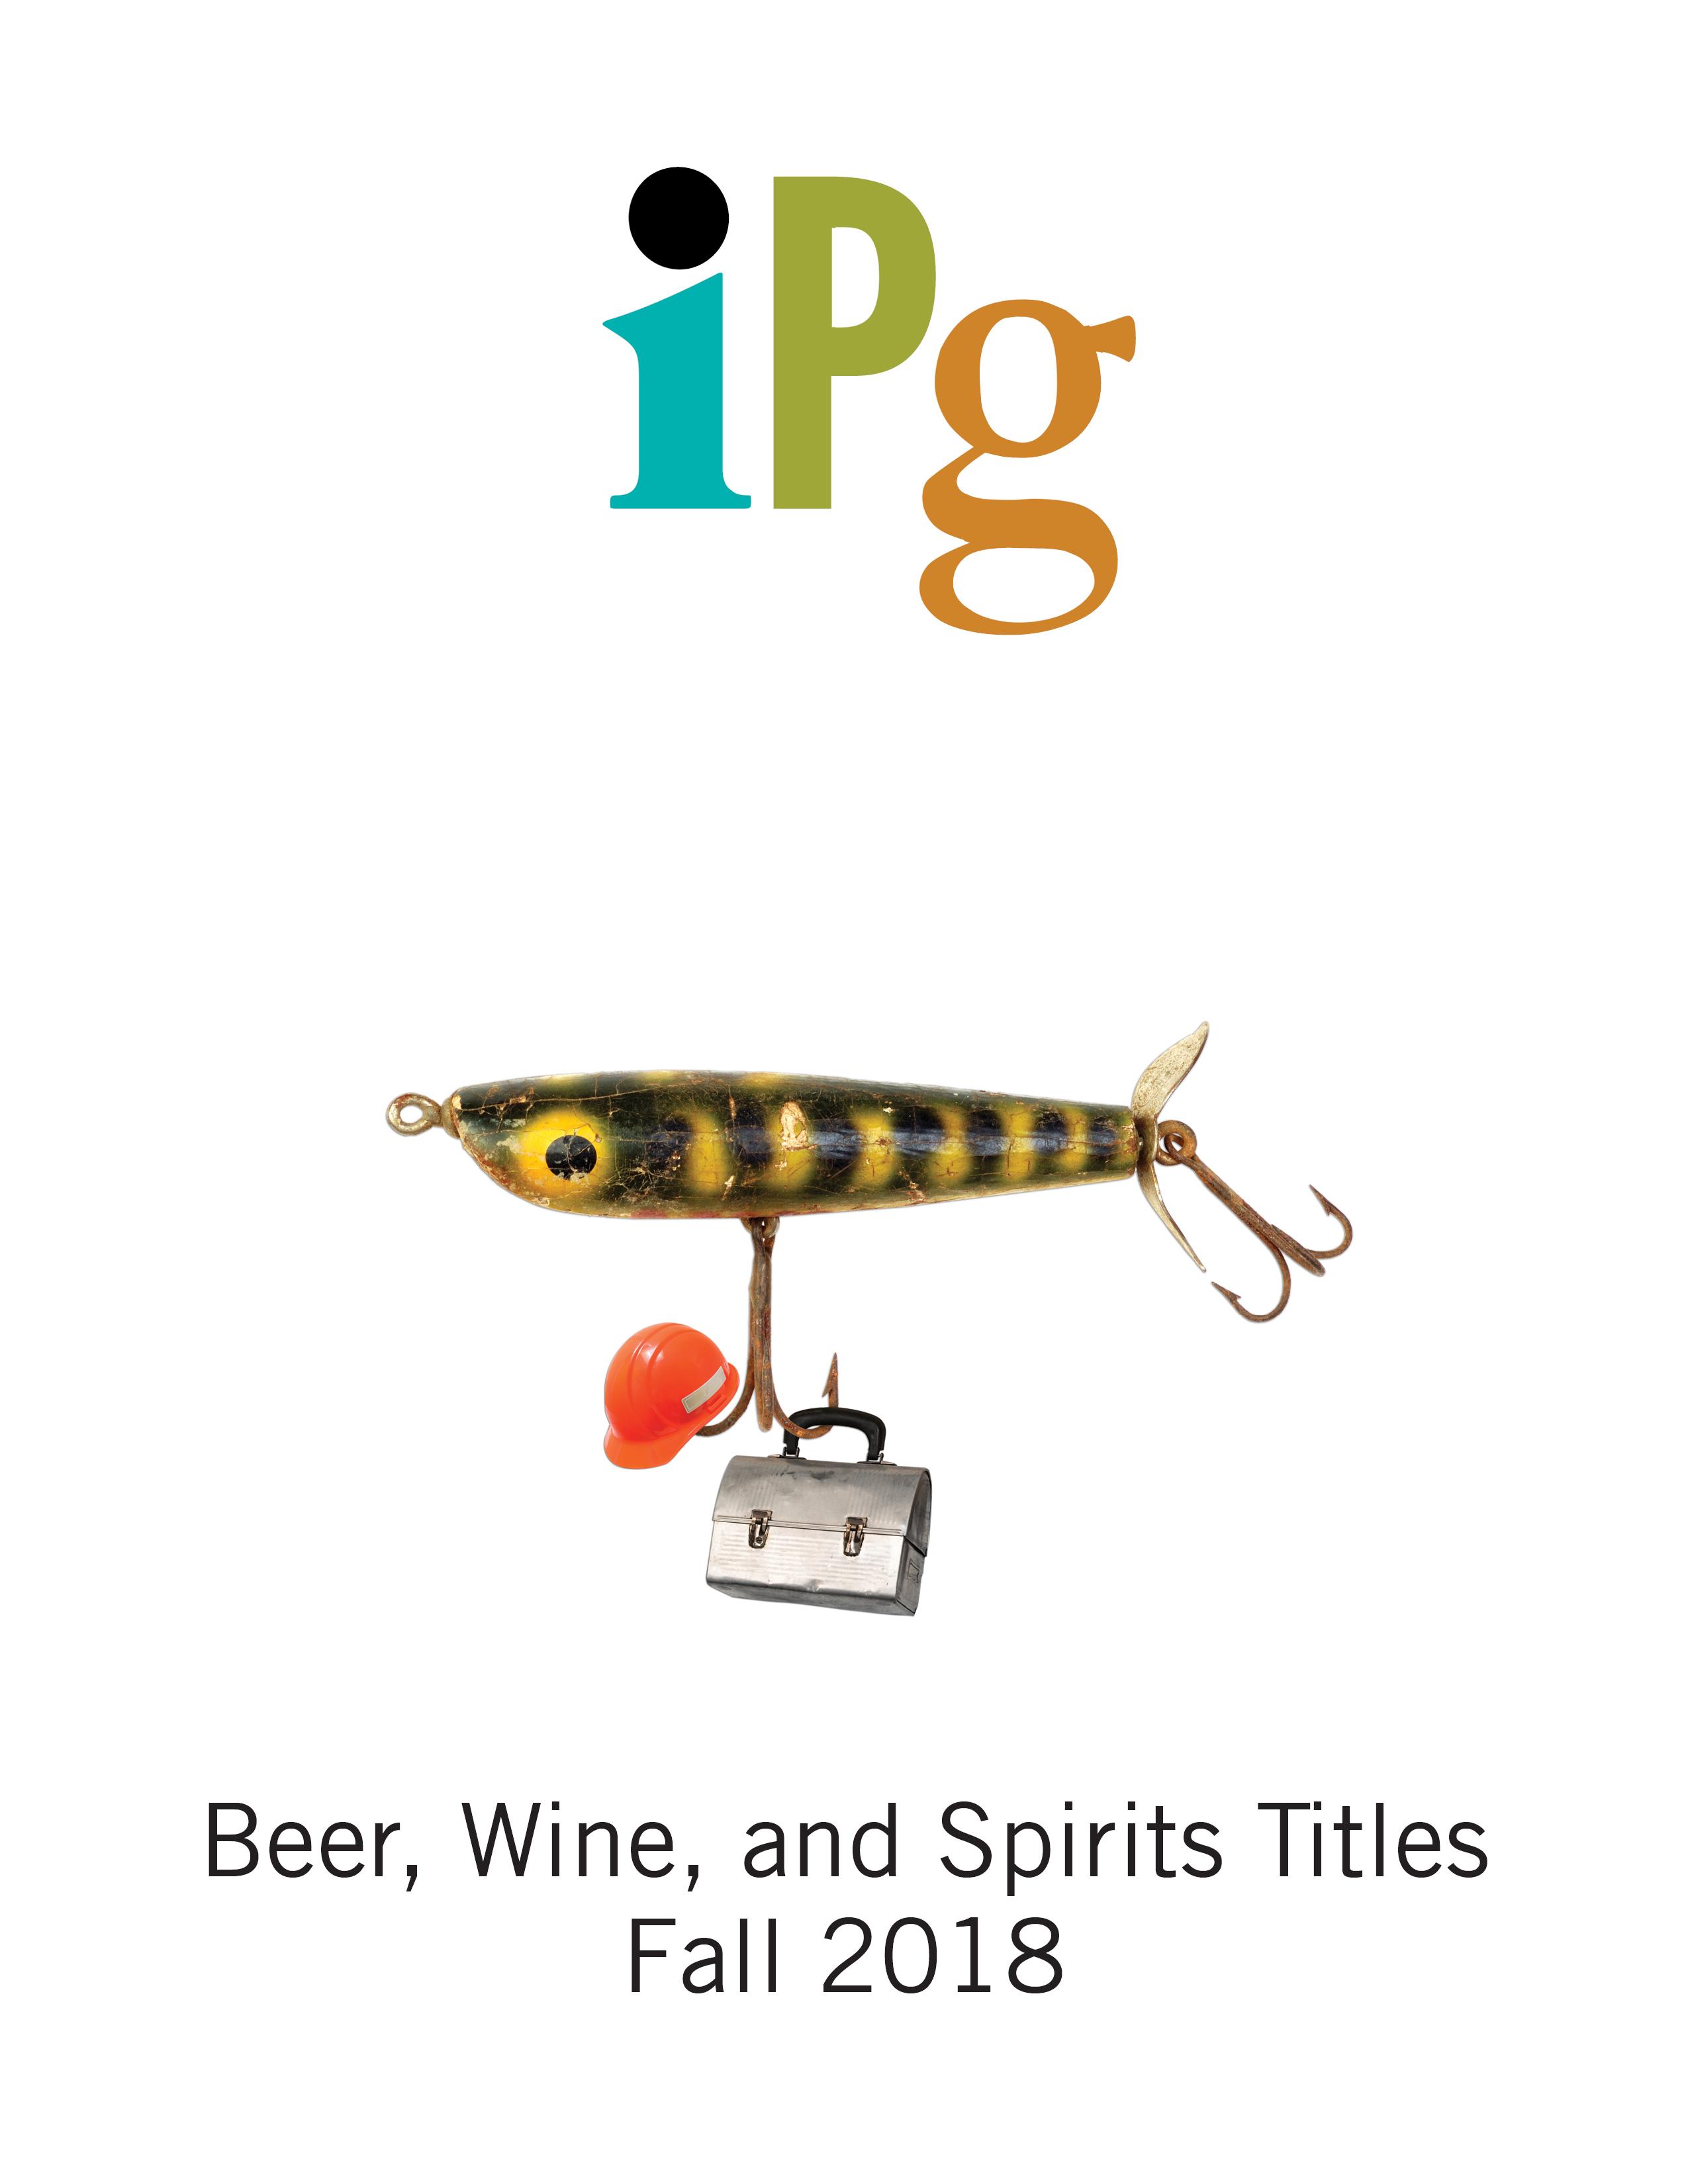 Beer, Wine, & Spirits Titles